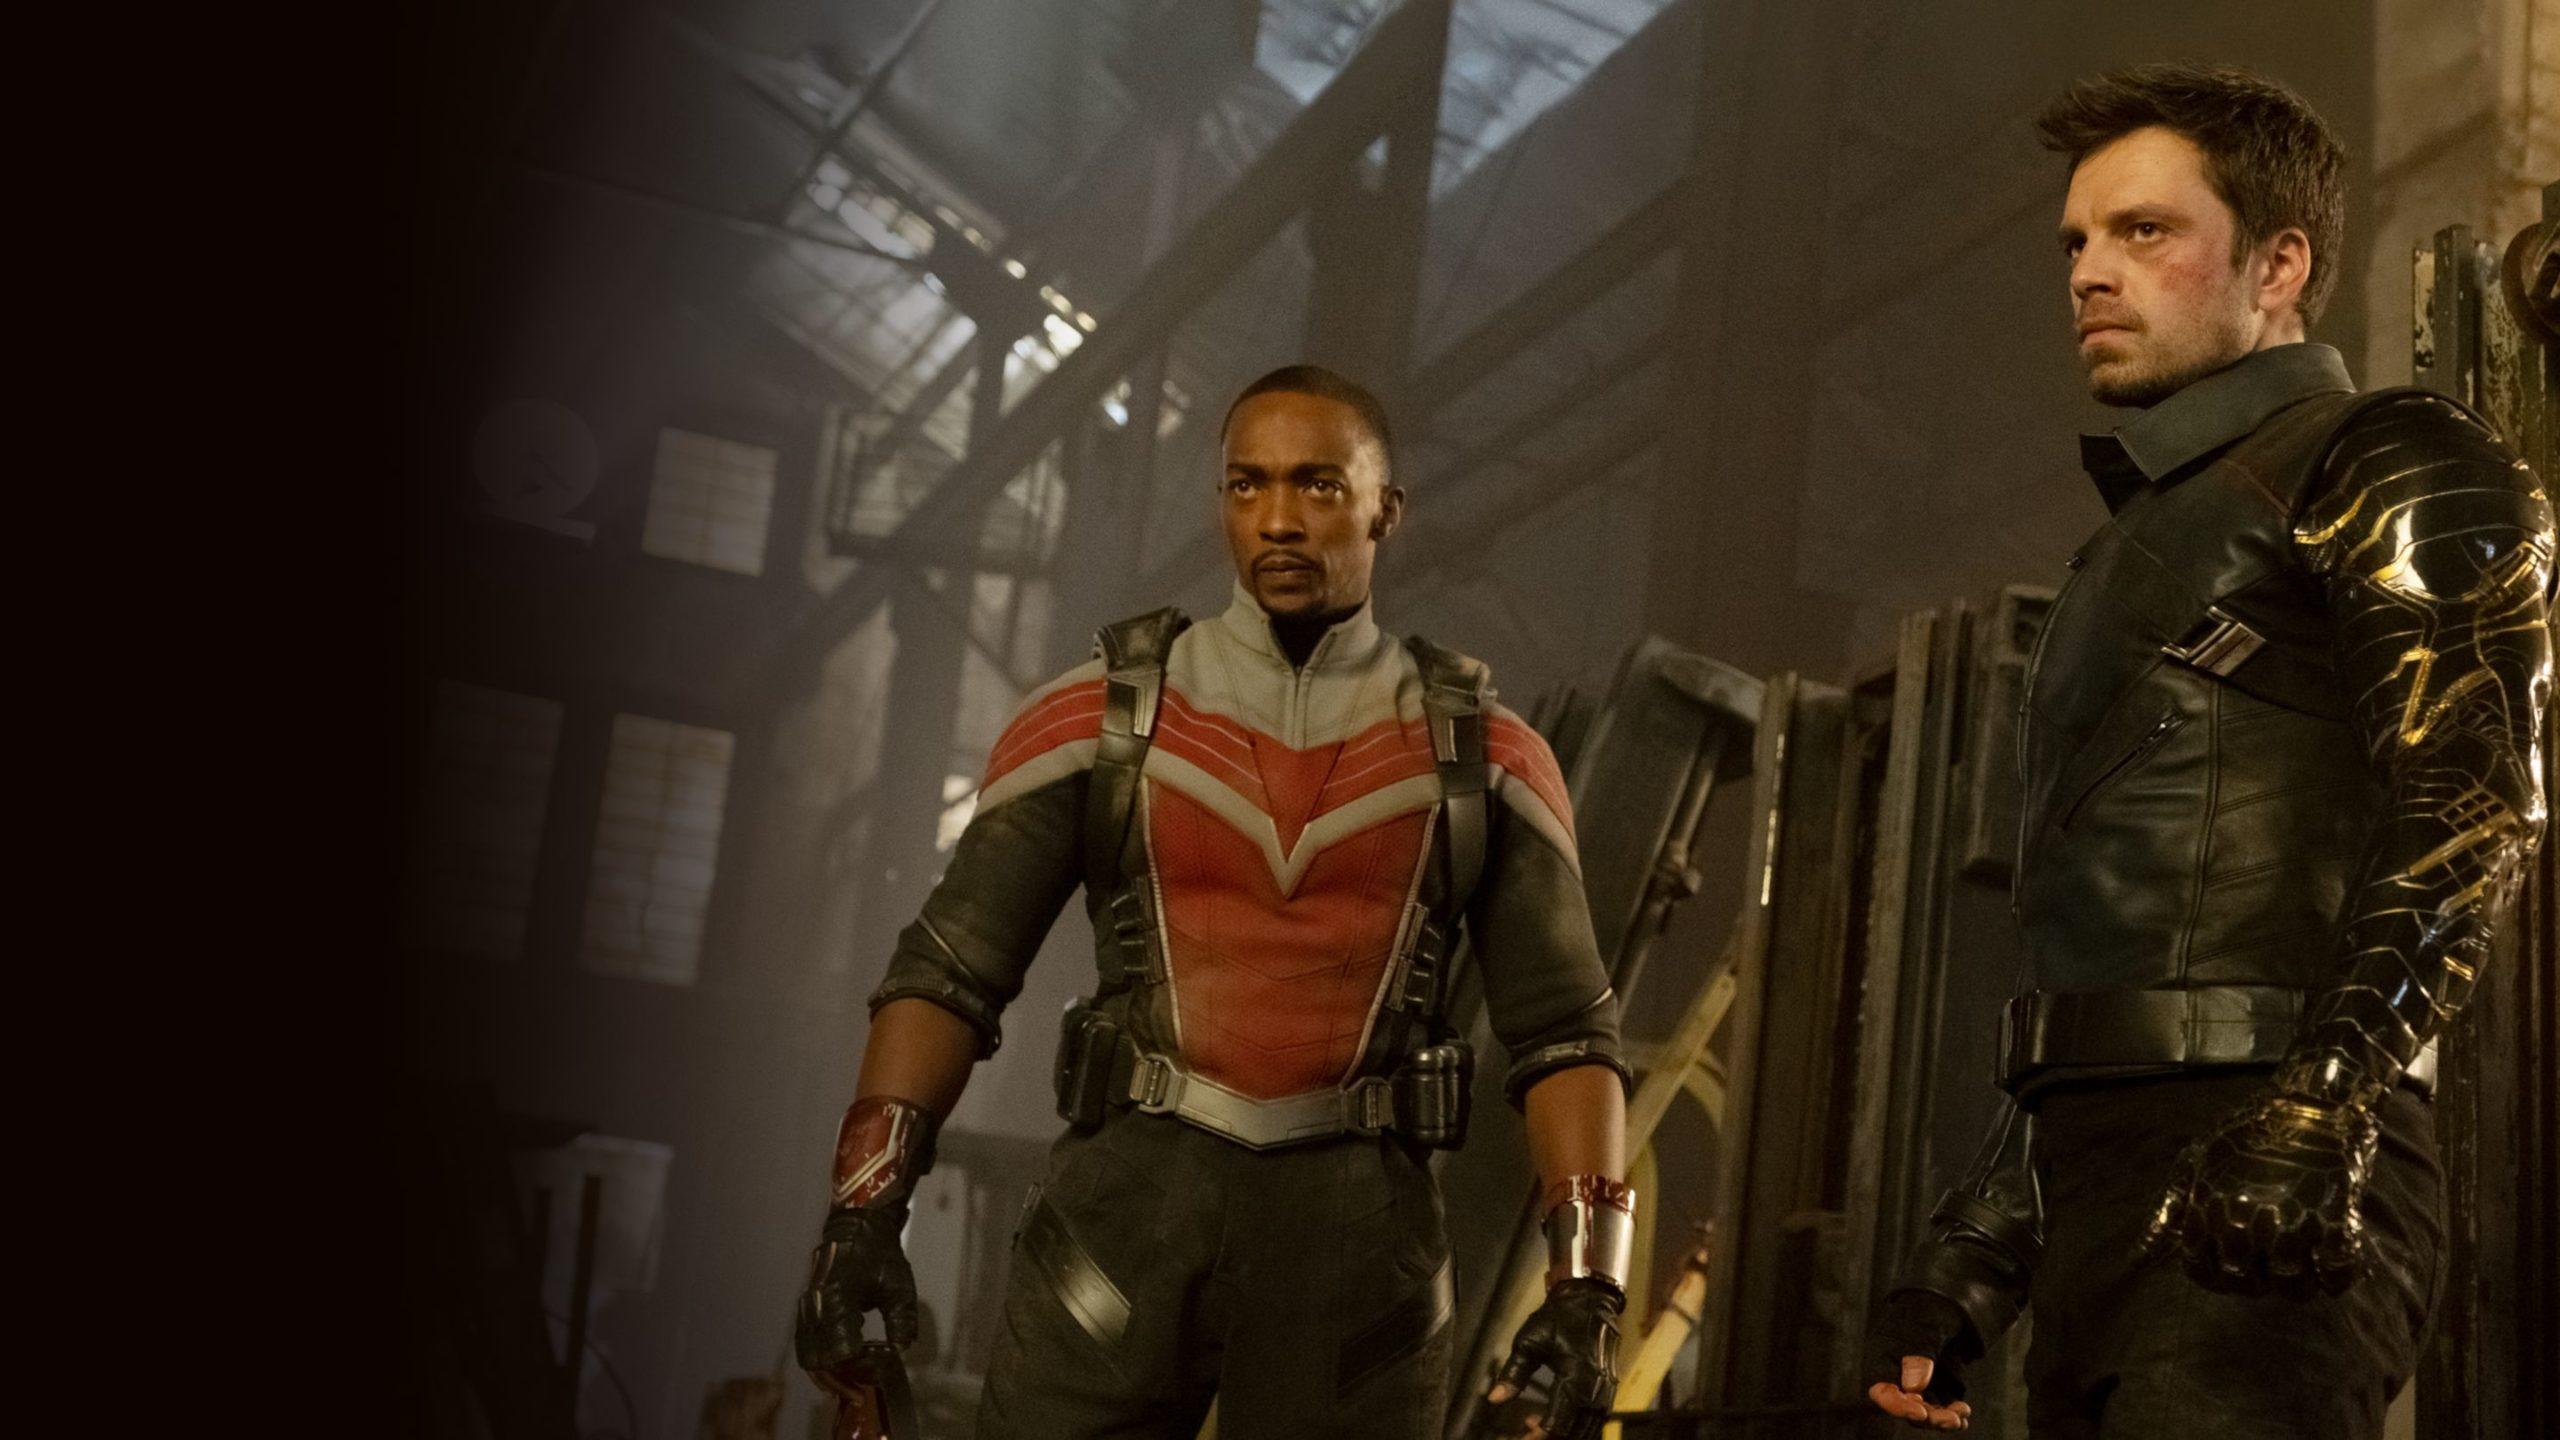 Falcon et le Soldat de l'Hiver épisode 4 : actuellement le meilleur chapitre de la série